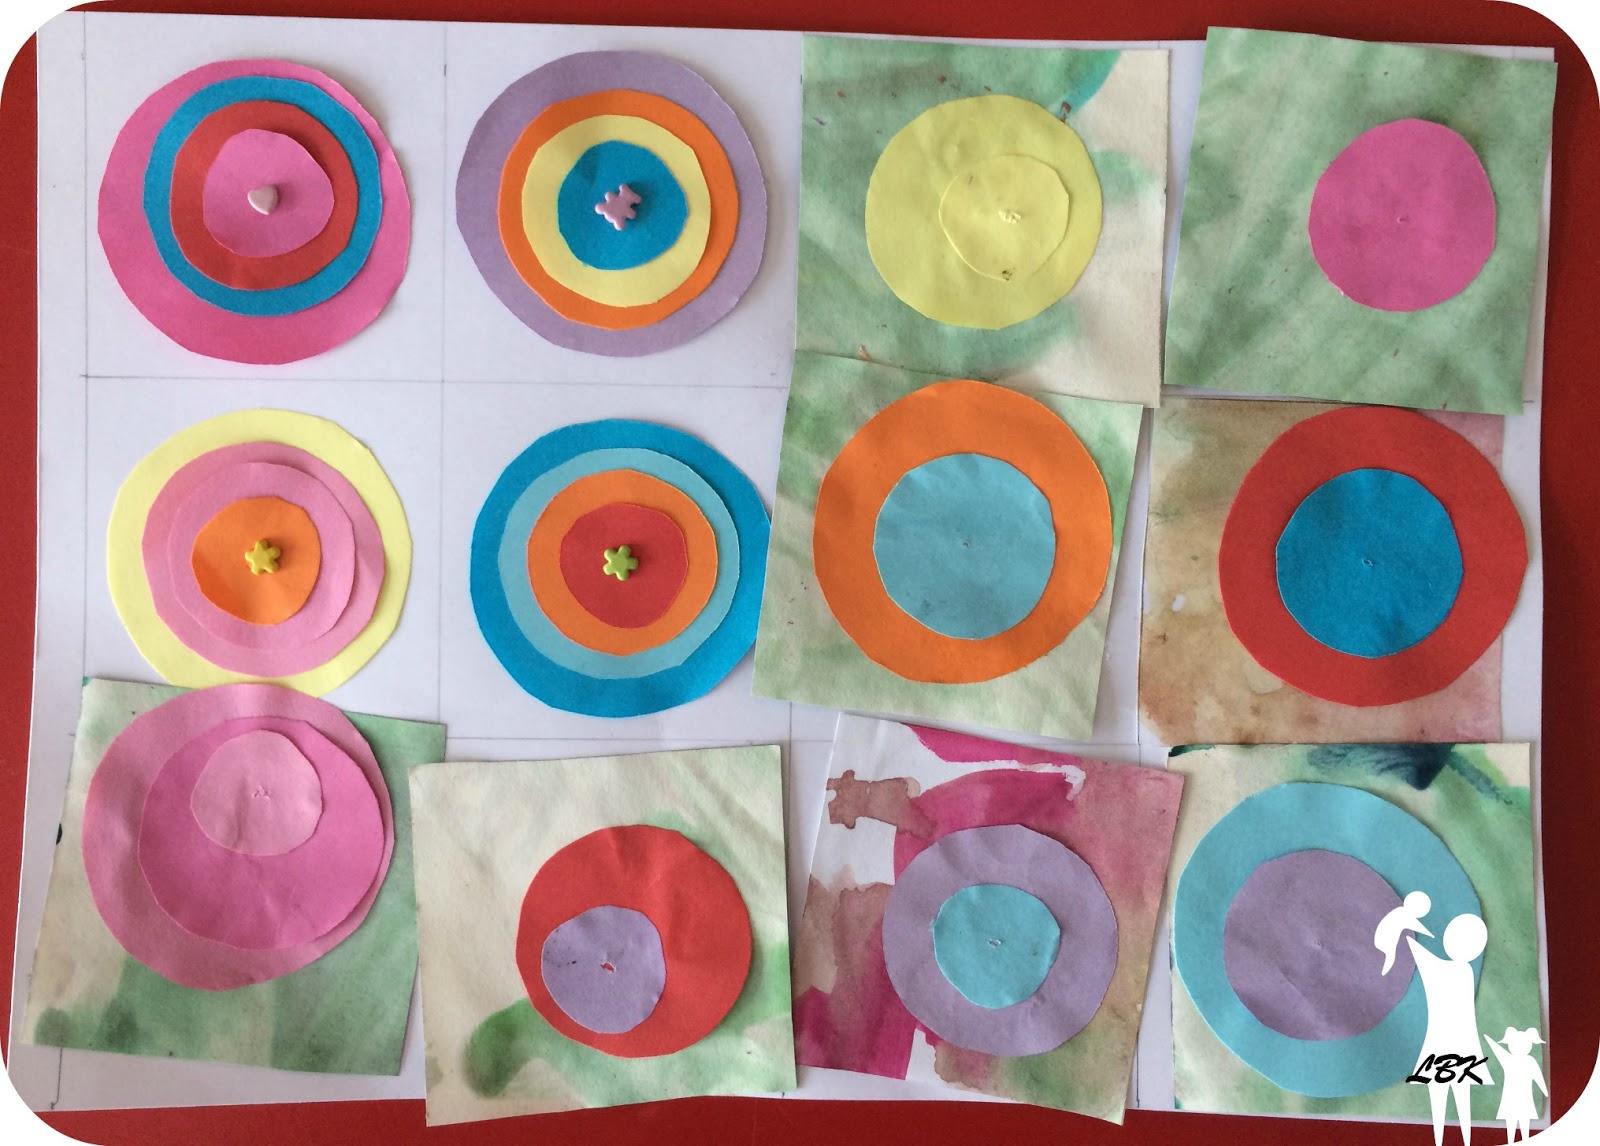 Résultat d'images pour kandinsky cercles